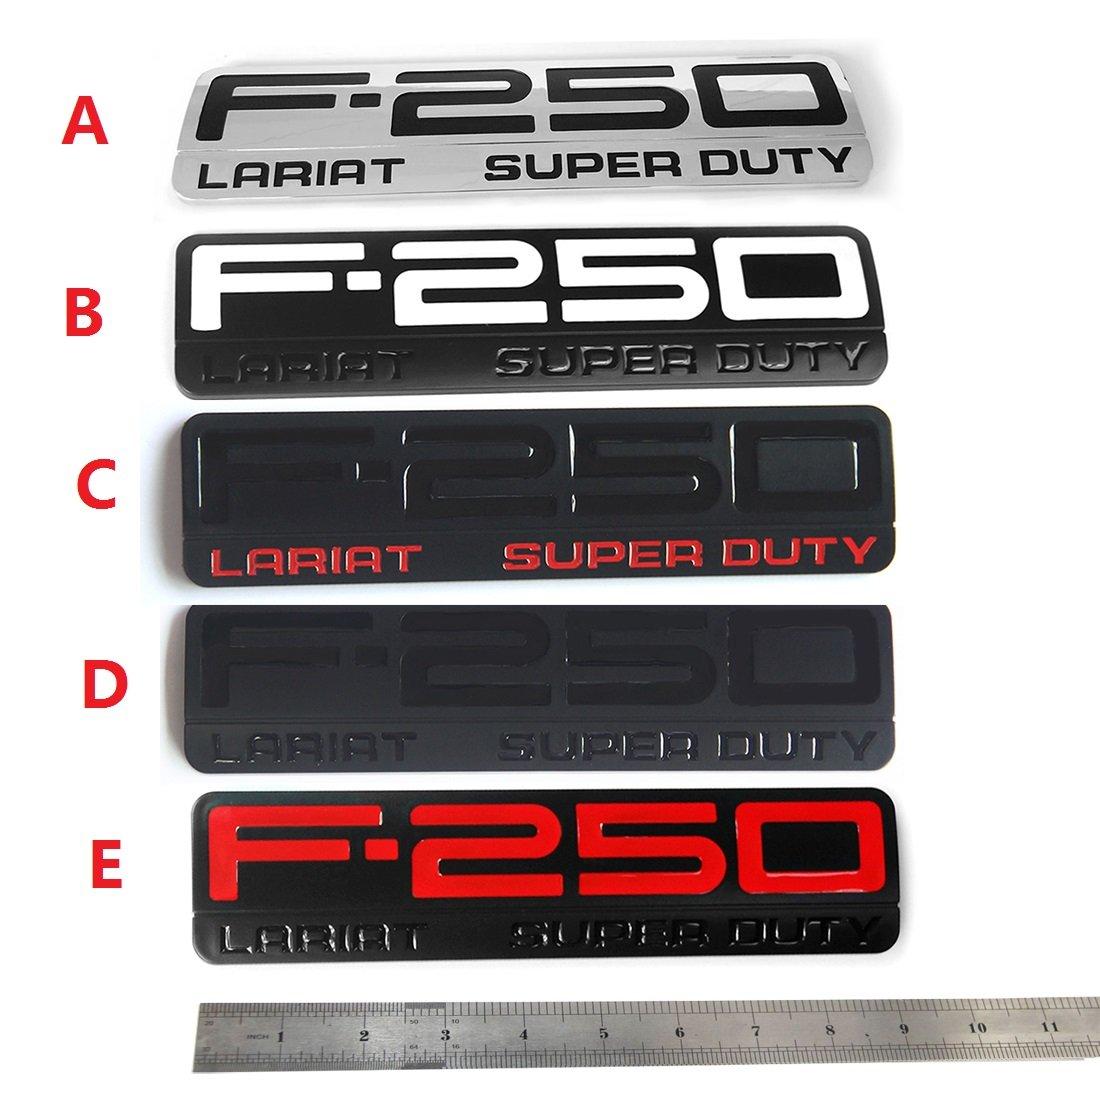 3x OEM Black F-250 Lariat Super Duty Side Fender Emblems Badge 3D logo Replacement for F250 Lariat Pickup Sanucaraofo